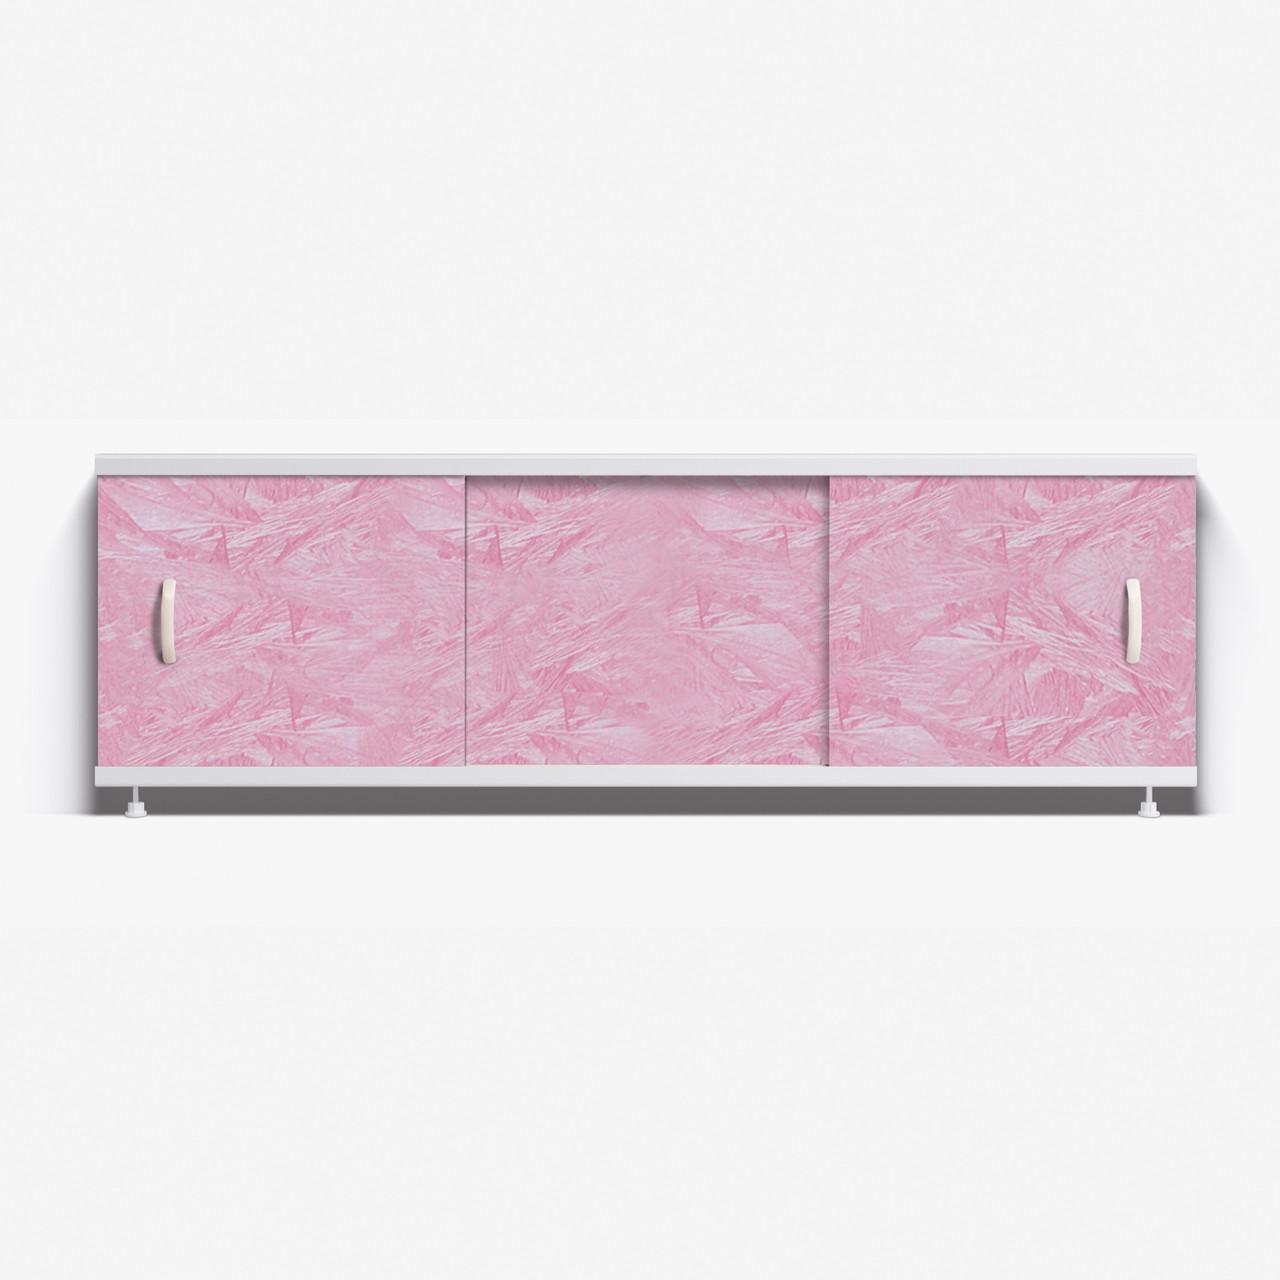 Панель для ванны Alavann ОПТИМА 1.7 м  // 37 розовый мороз